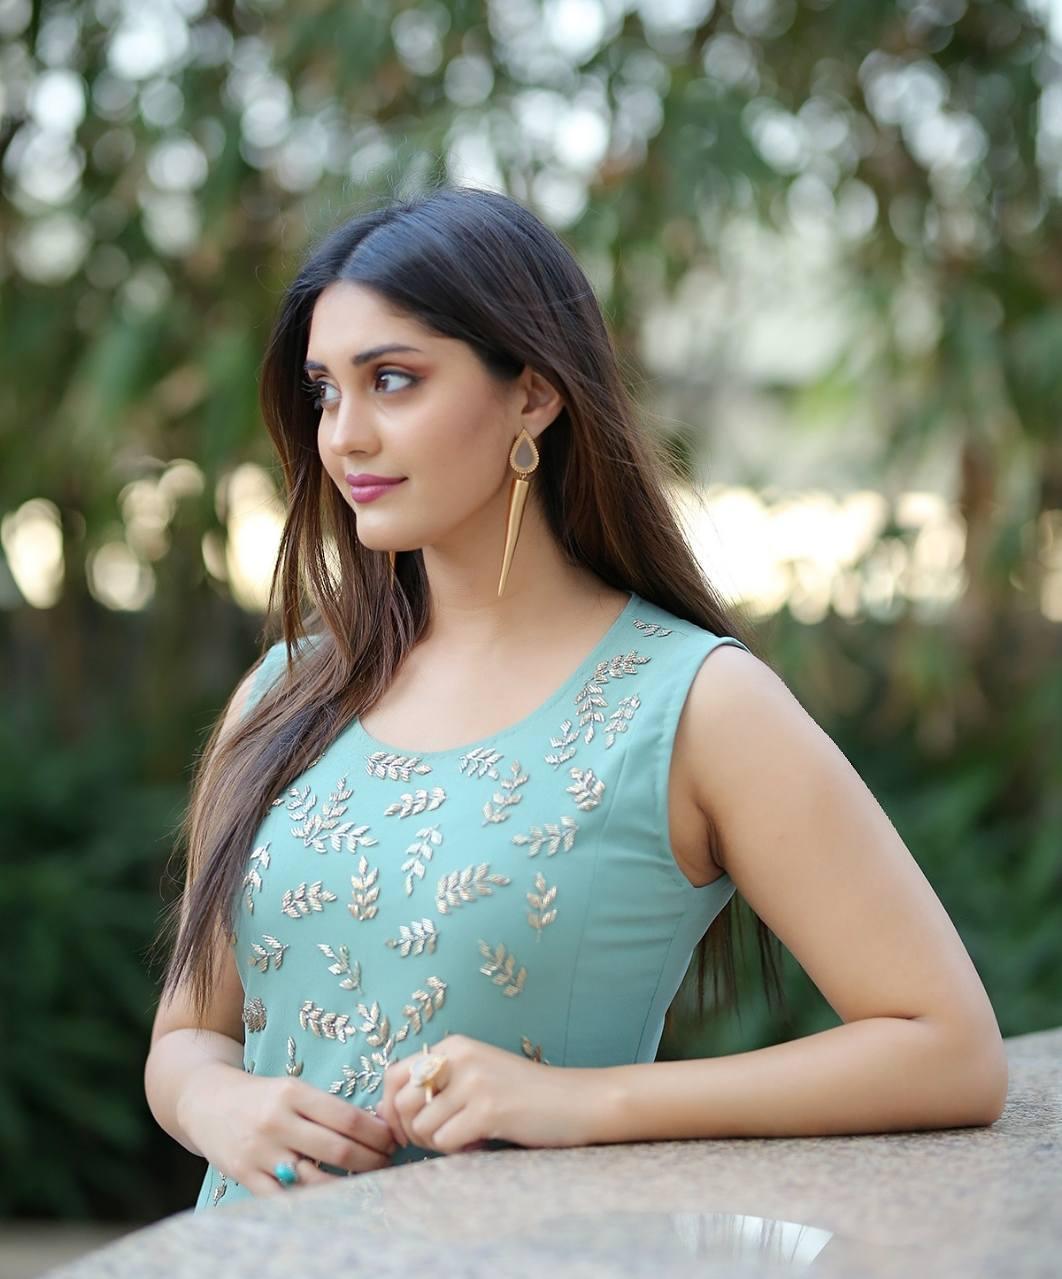 24 beautiful hd photos of actress surbhi puranik (surabhi)